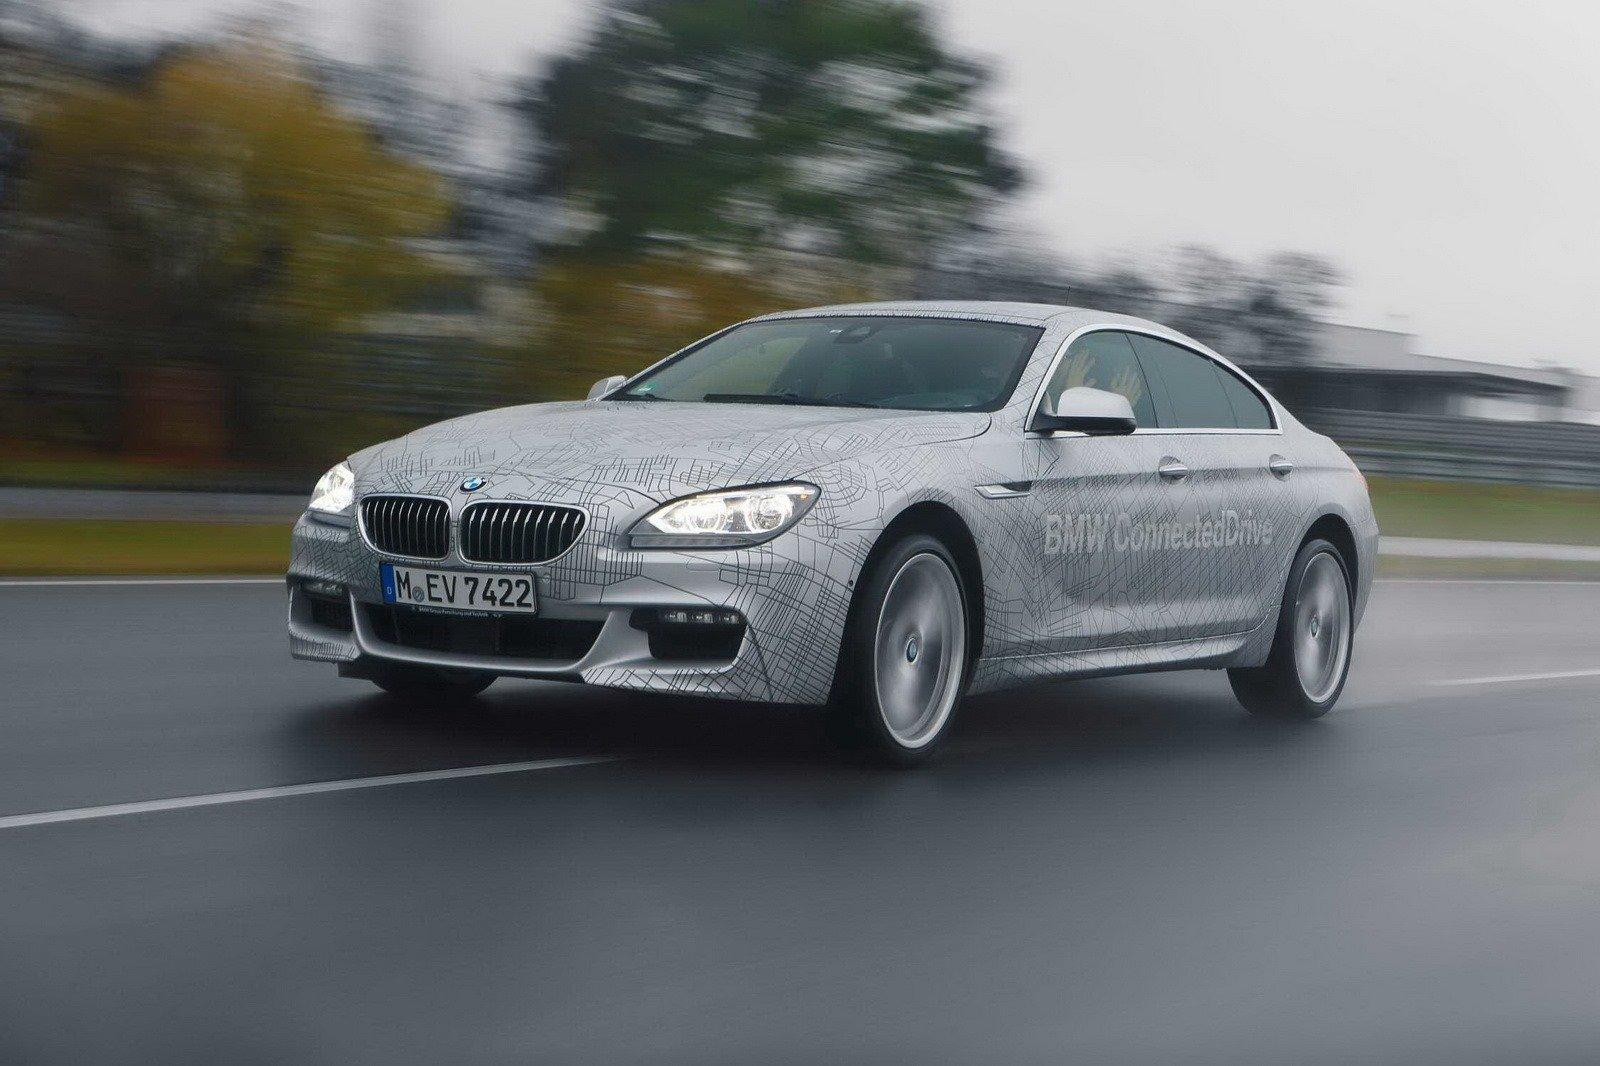 BMW trình diễn xe không người lái tự drift siêu hạng 5